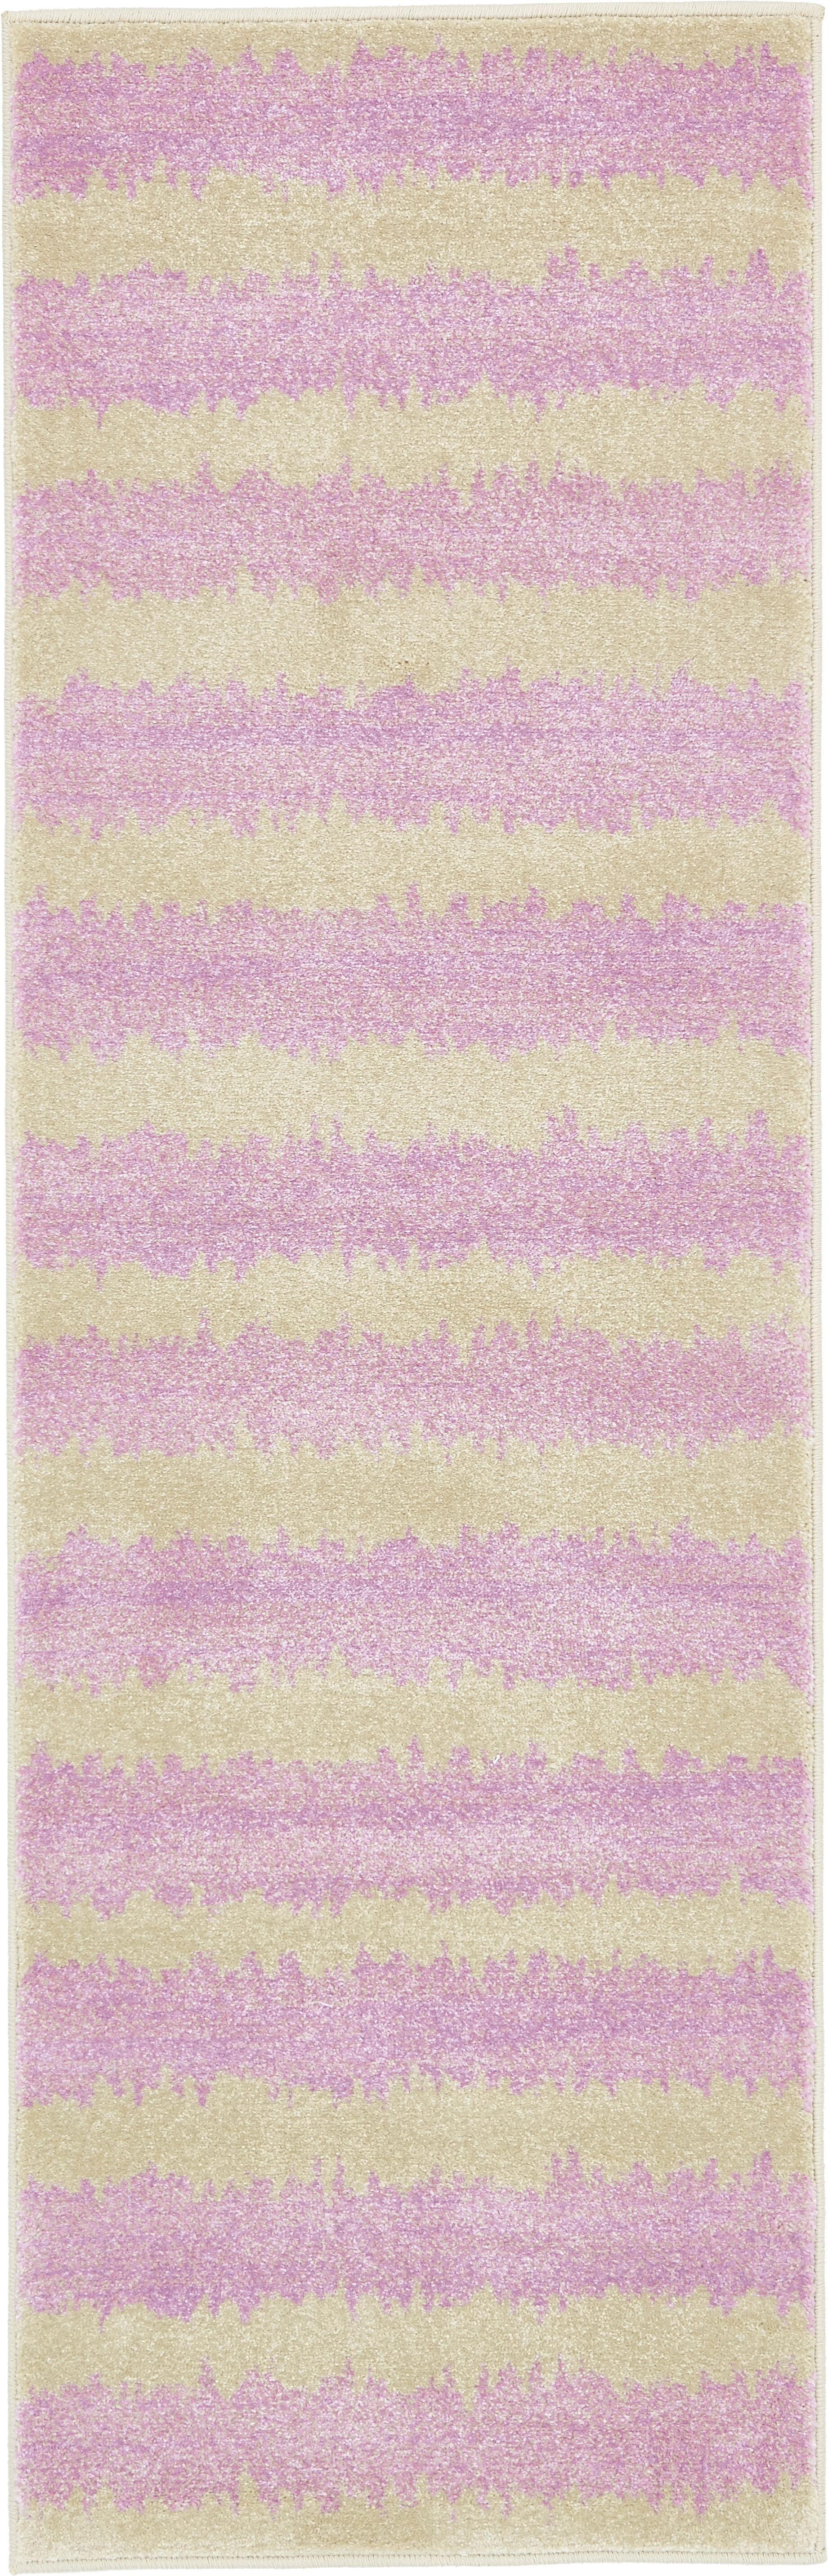 Kala Lavender Area Rug Rug Size: Runner 2' x 6'